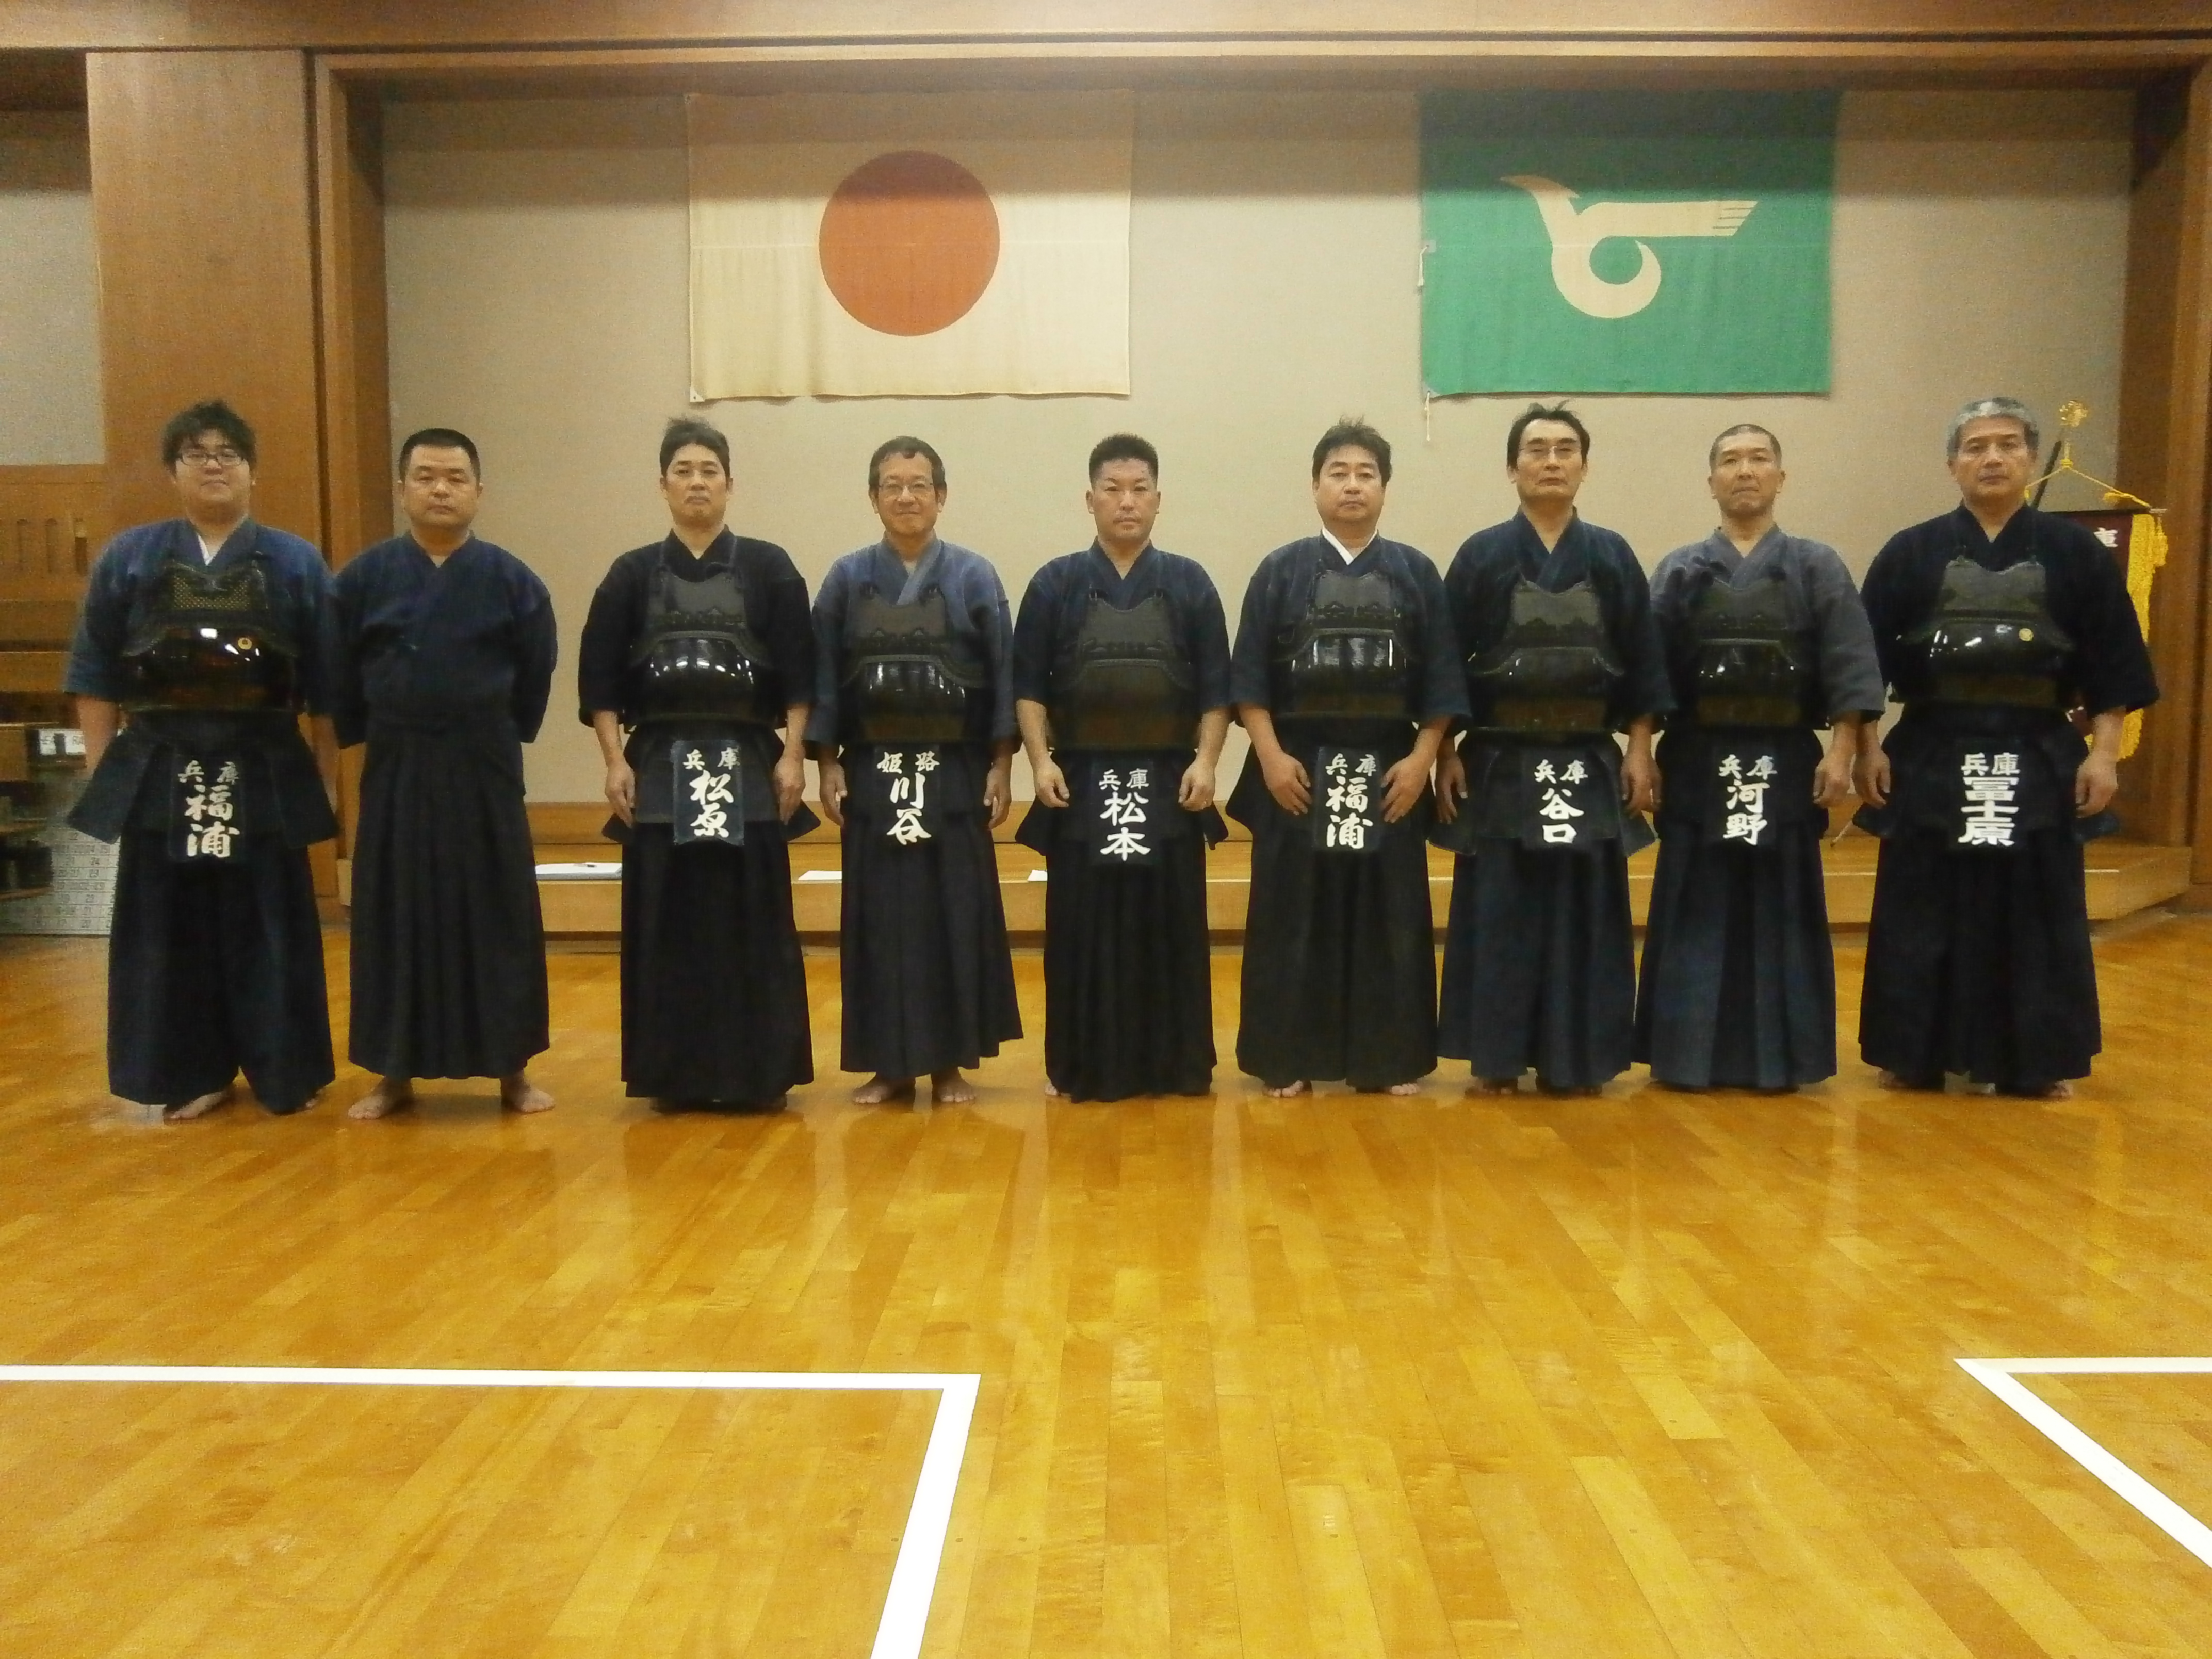 剣道講師一同写真